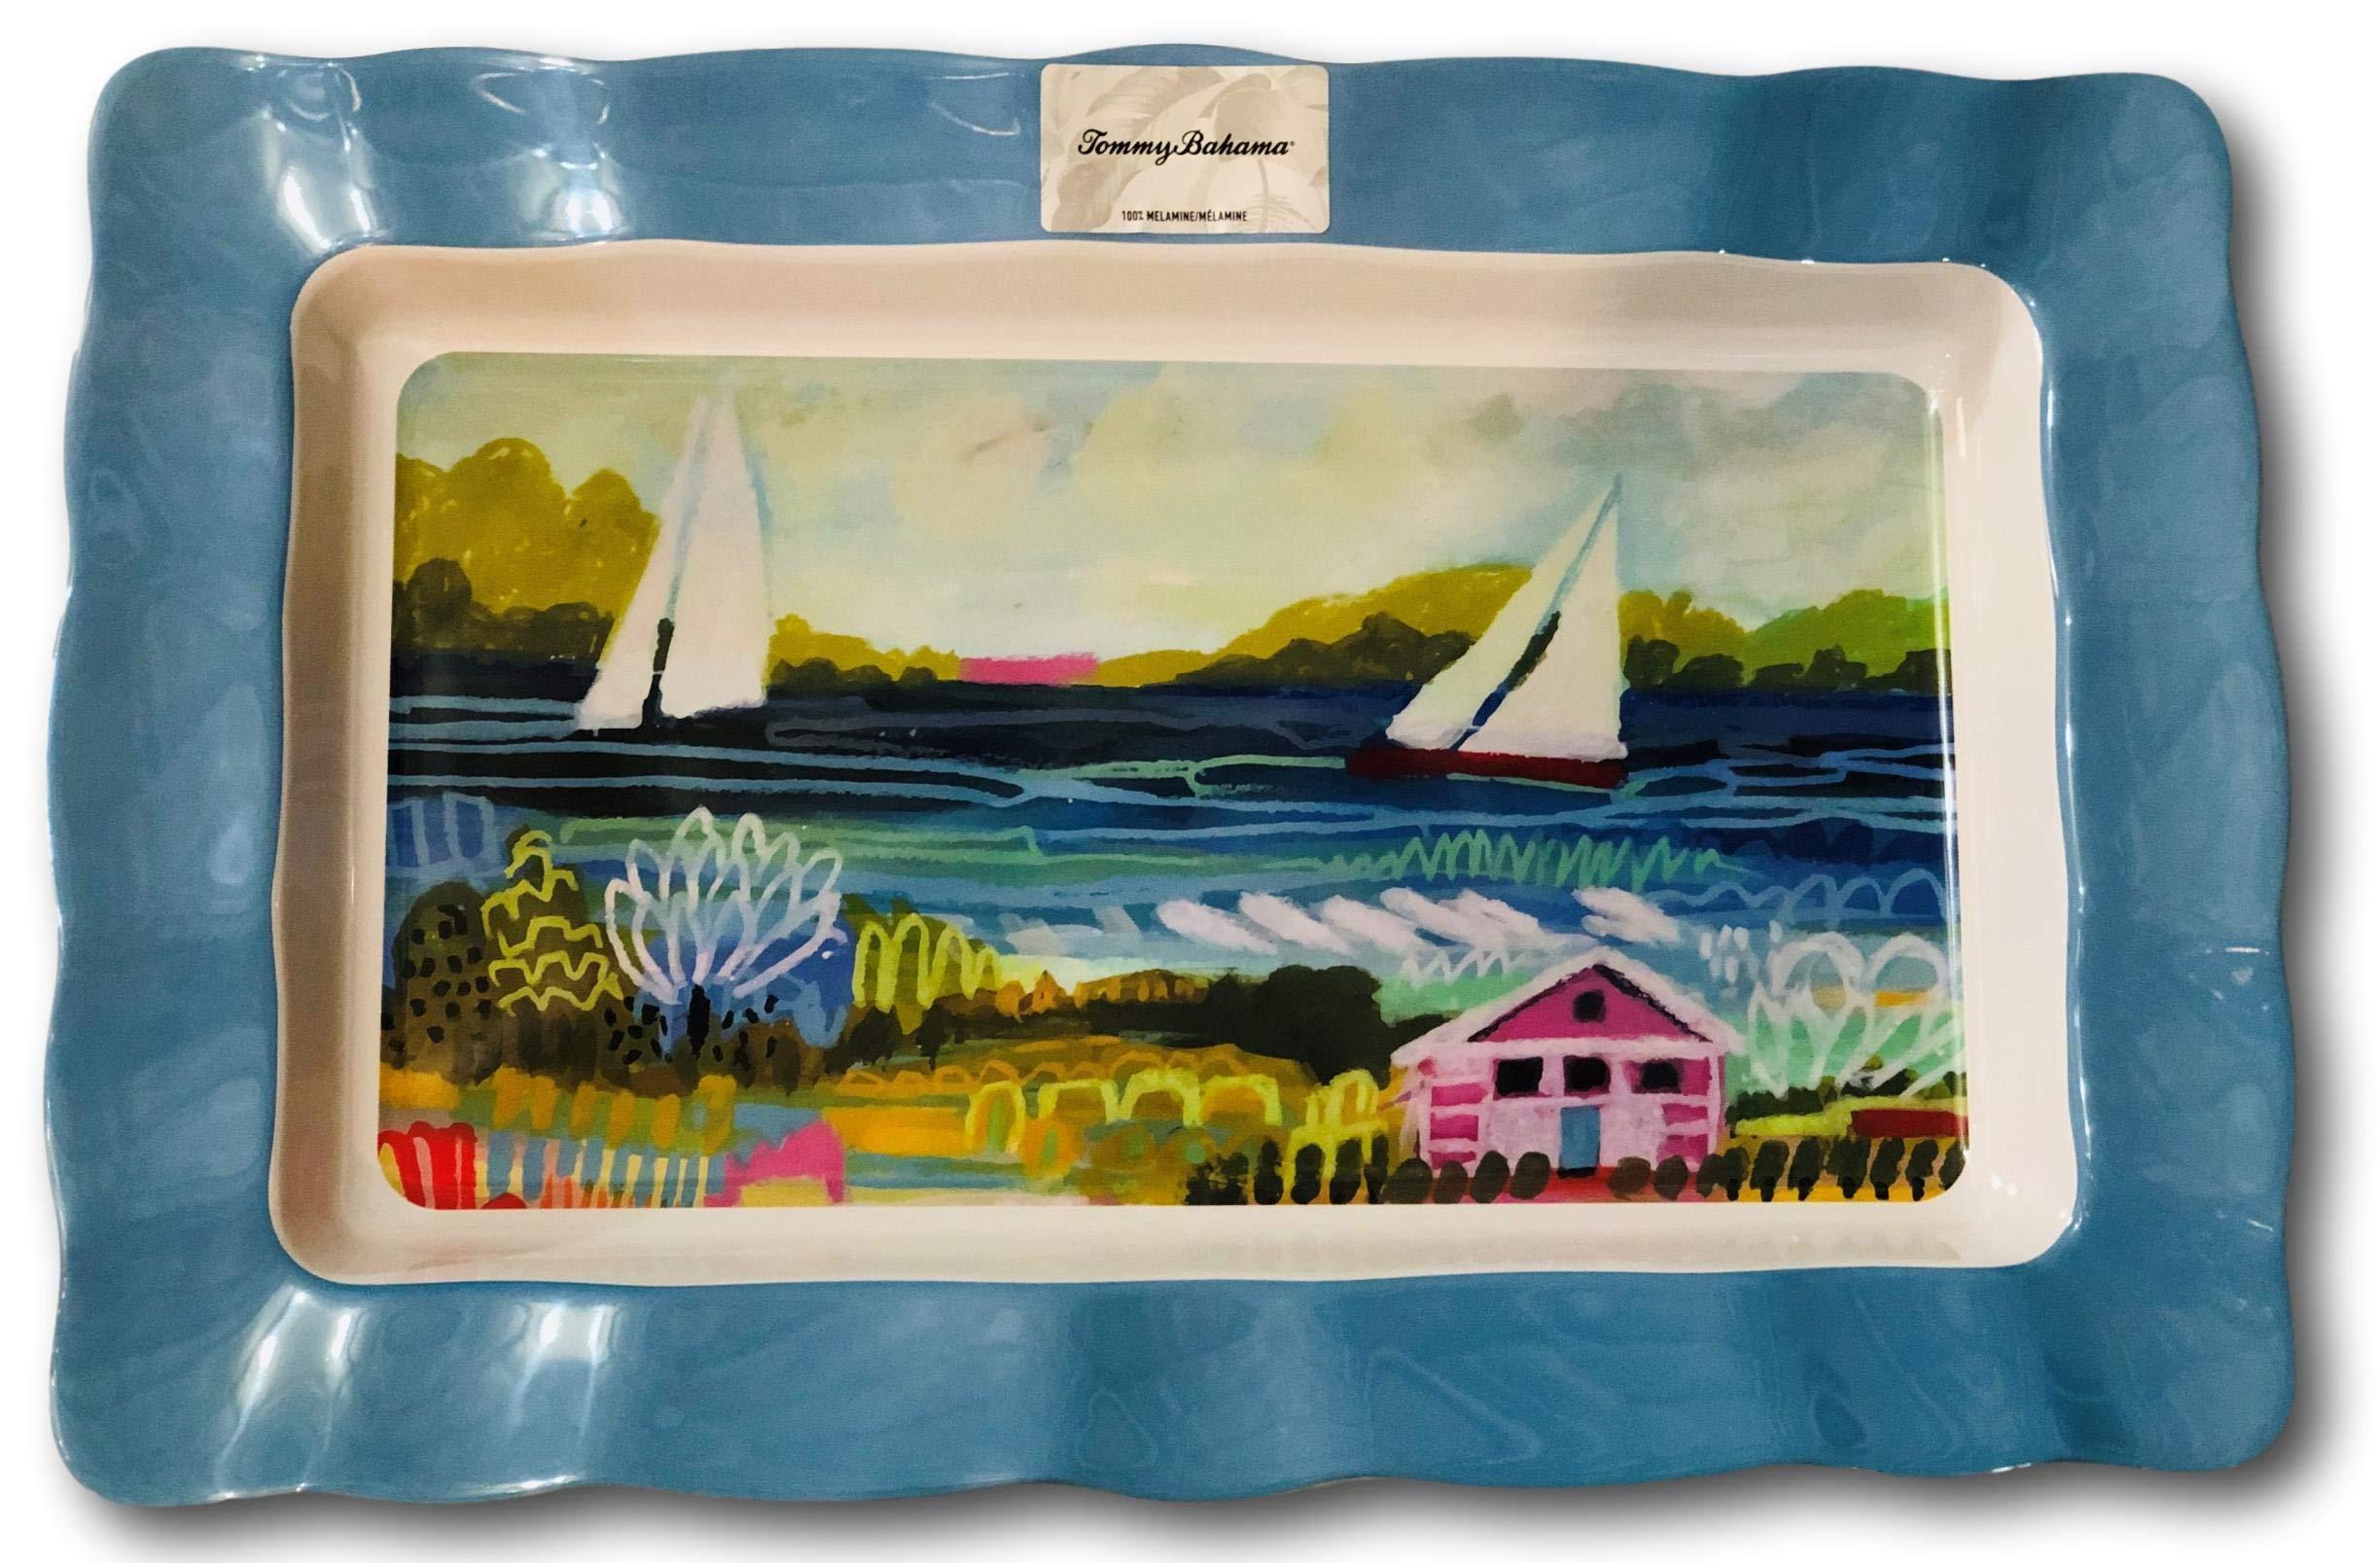 Tommy Bahama Melamine Large Serving Tray Platter Sailboat Coastal Seaside